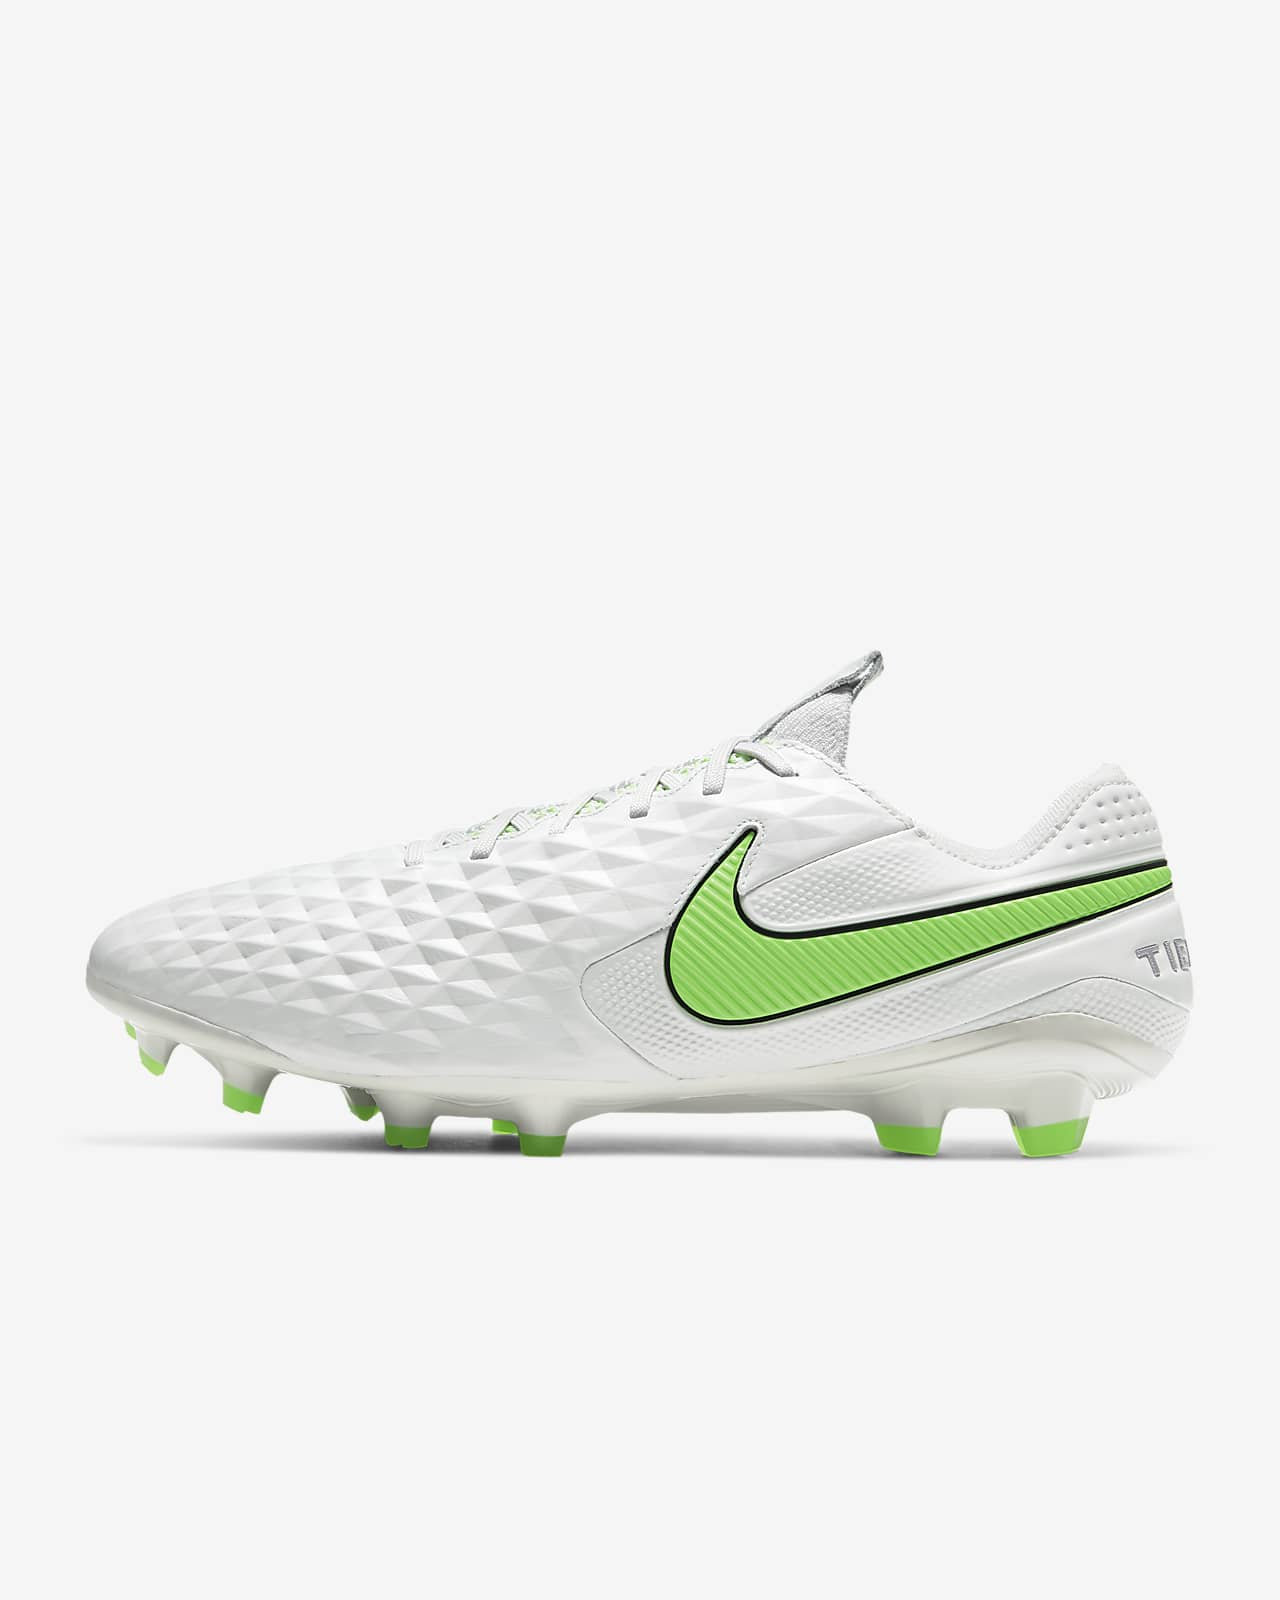 Nike Tiempo Legend 8 Elite FG Fußballschuh für normalen Rasen